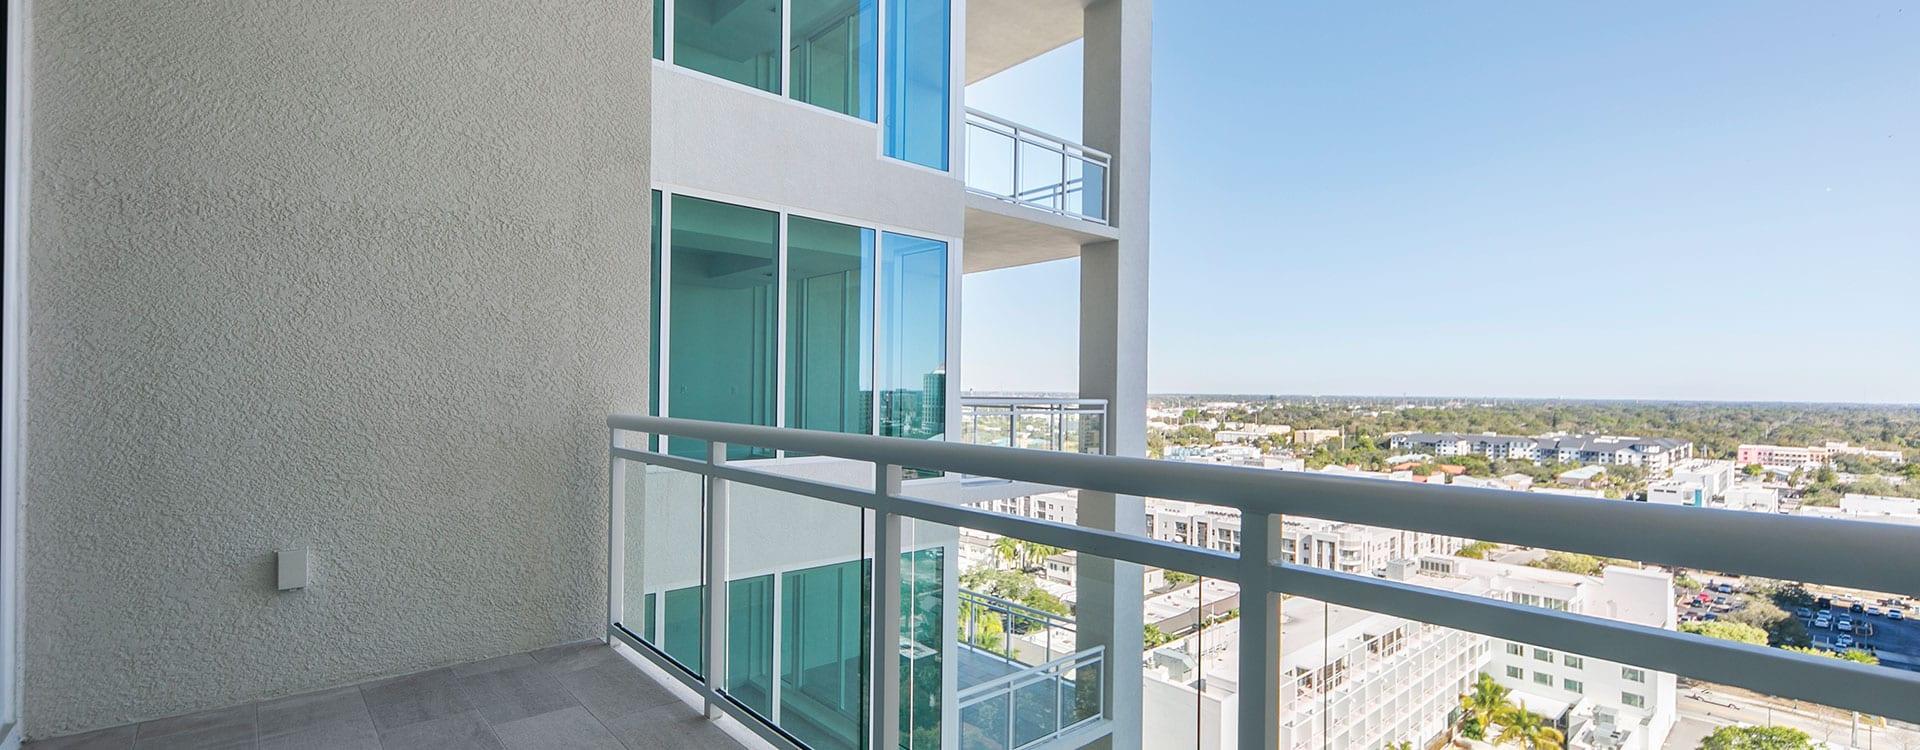 blvd sarasota residence 1503 Bedroom Terrace